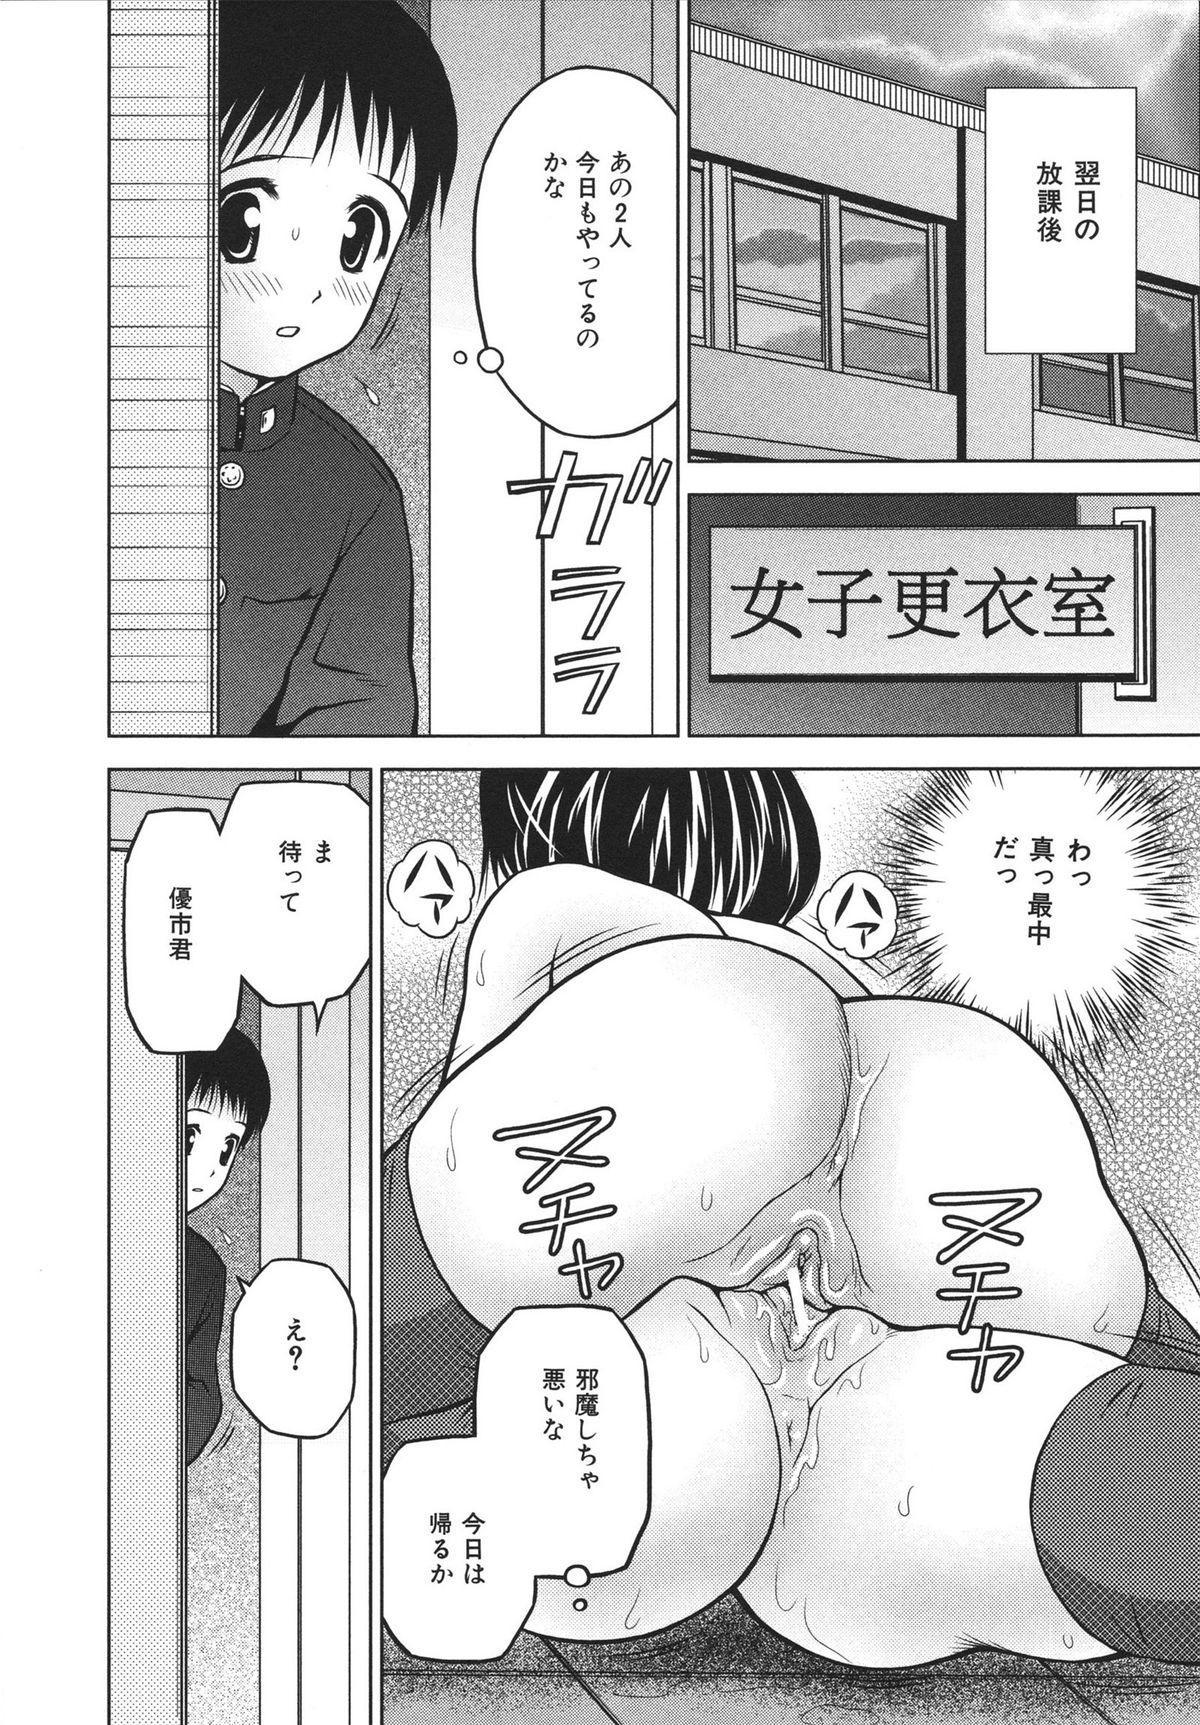 Houtai Shoujo - Bandage Girl 67